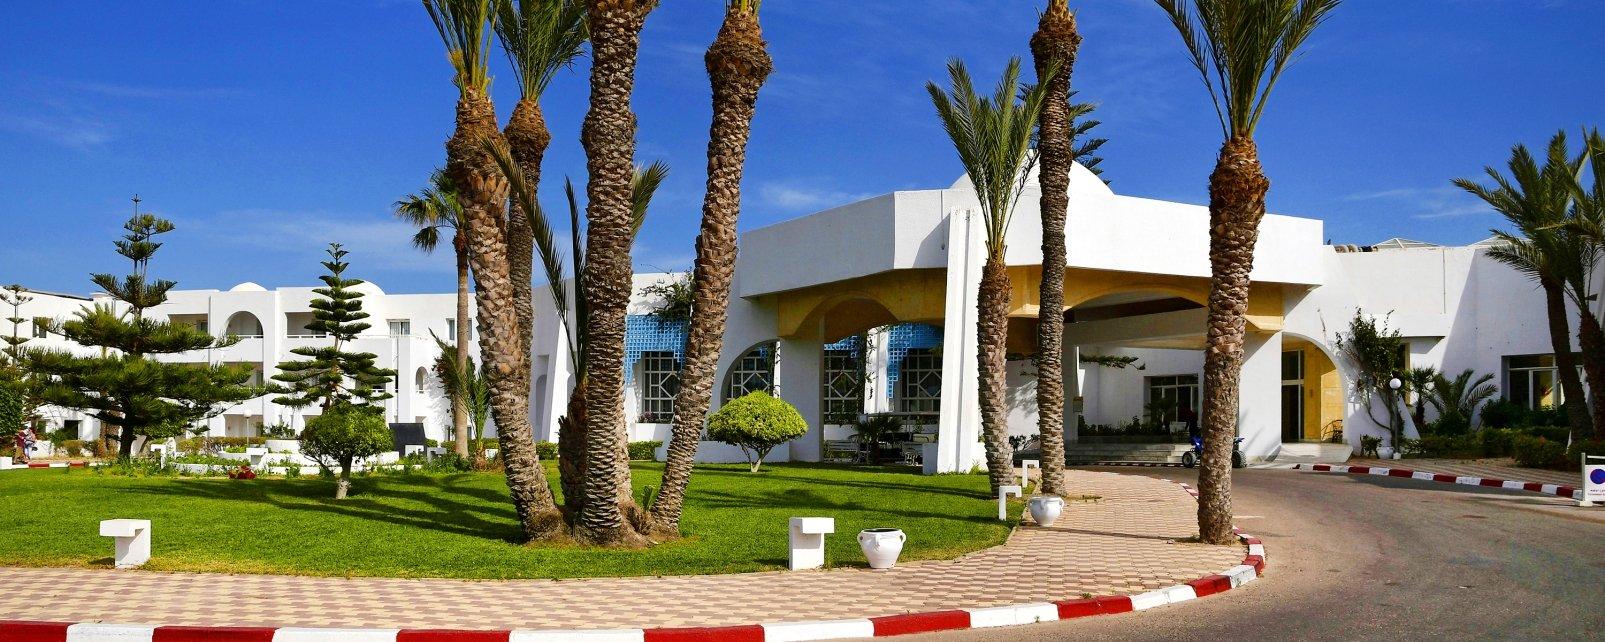 Hotel el mouradi djerba menzel in djerba for Hotels djerba